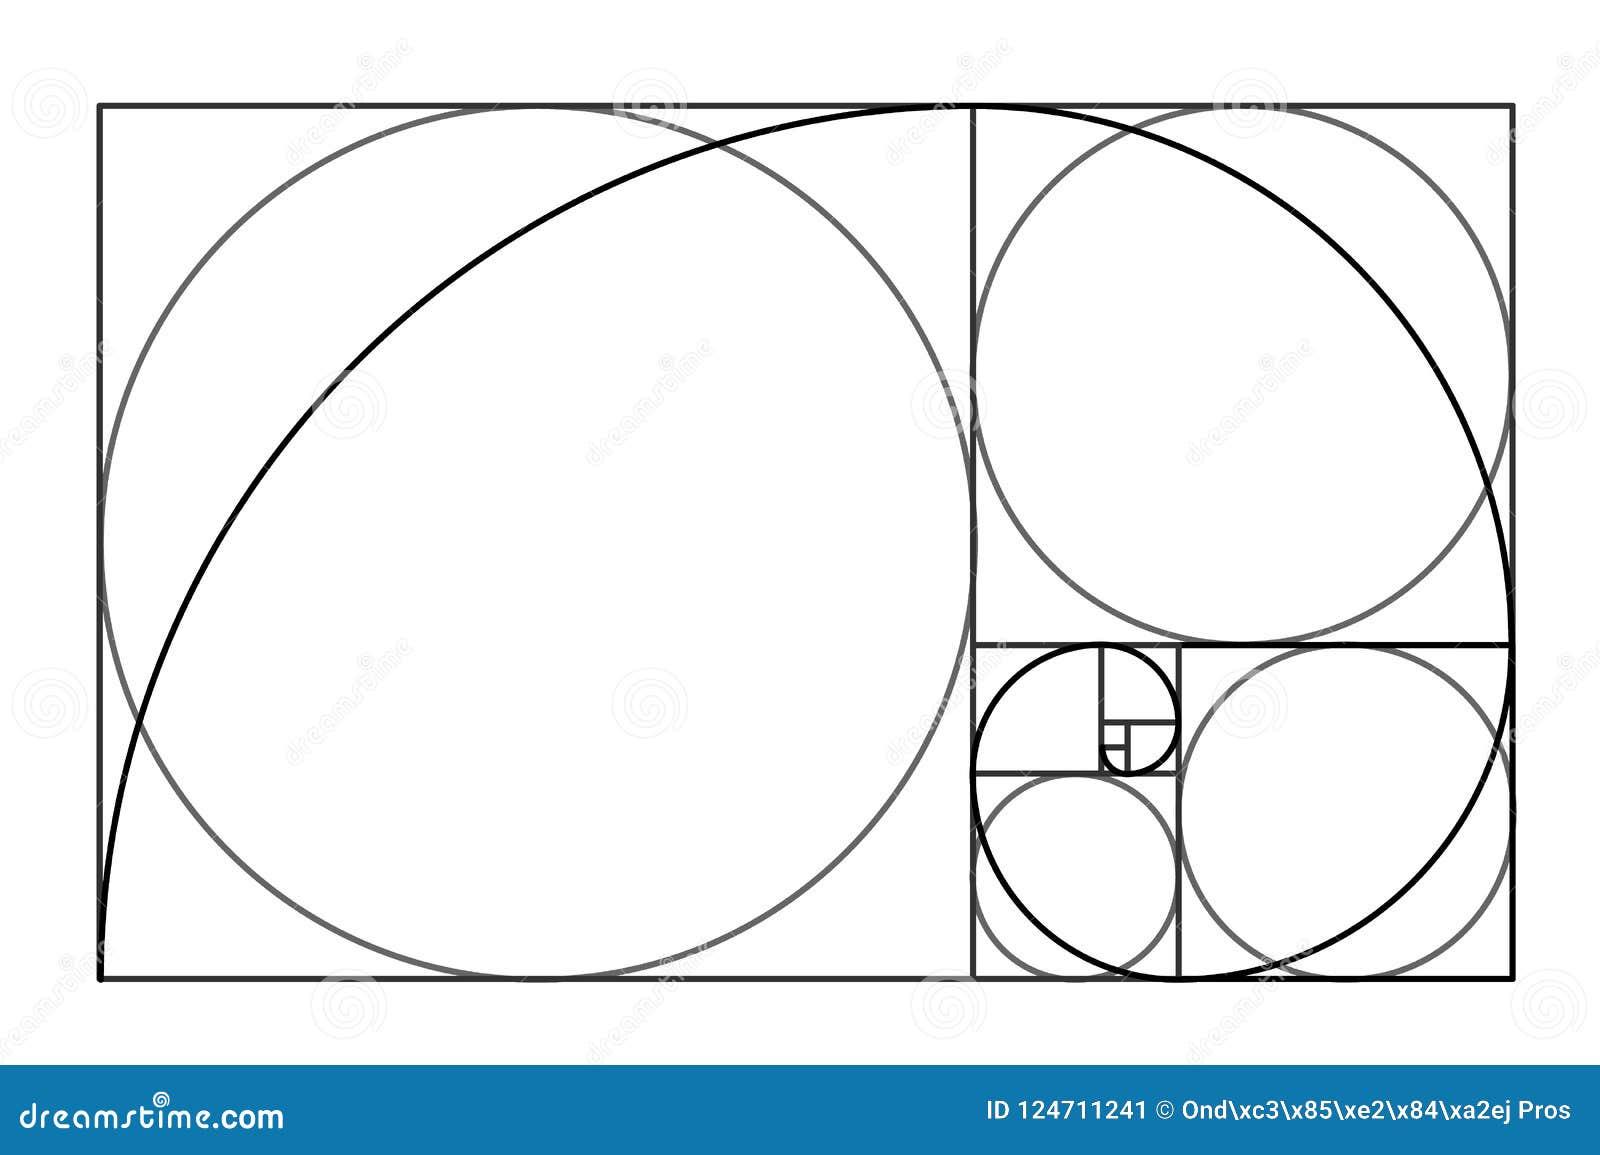 Het ontwerp van de Minimalisticstijl Gouden verhouding Geometrische vormen Cirkels in gouden aandeel Futuristisch ontwerp embleem